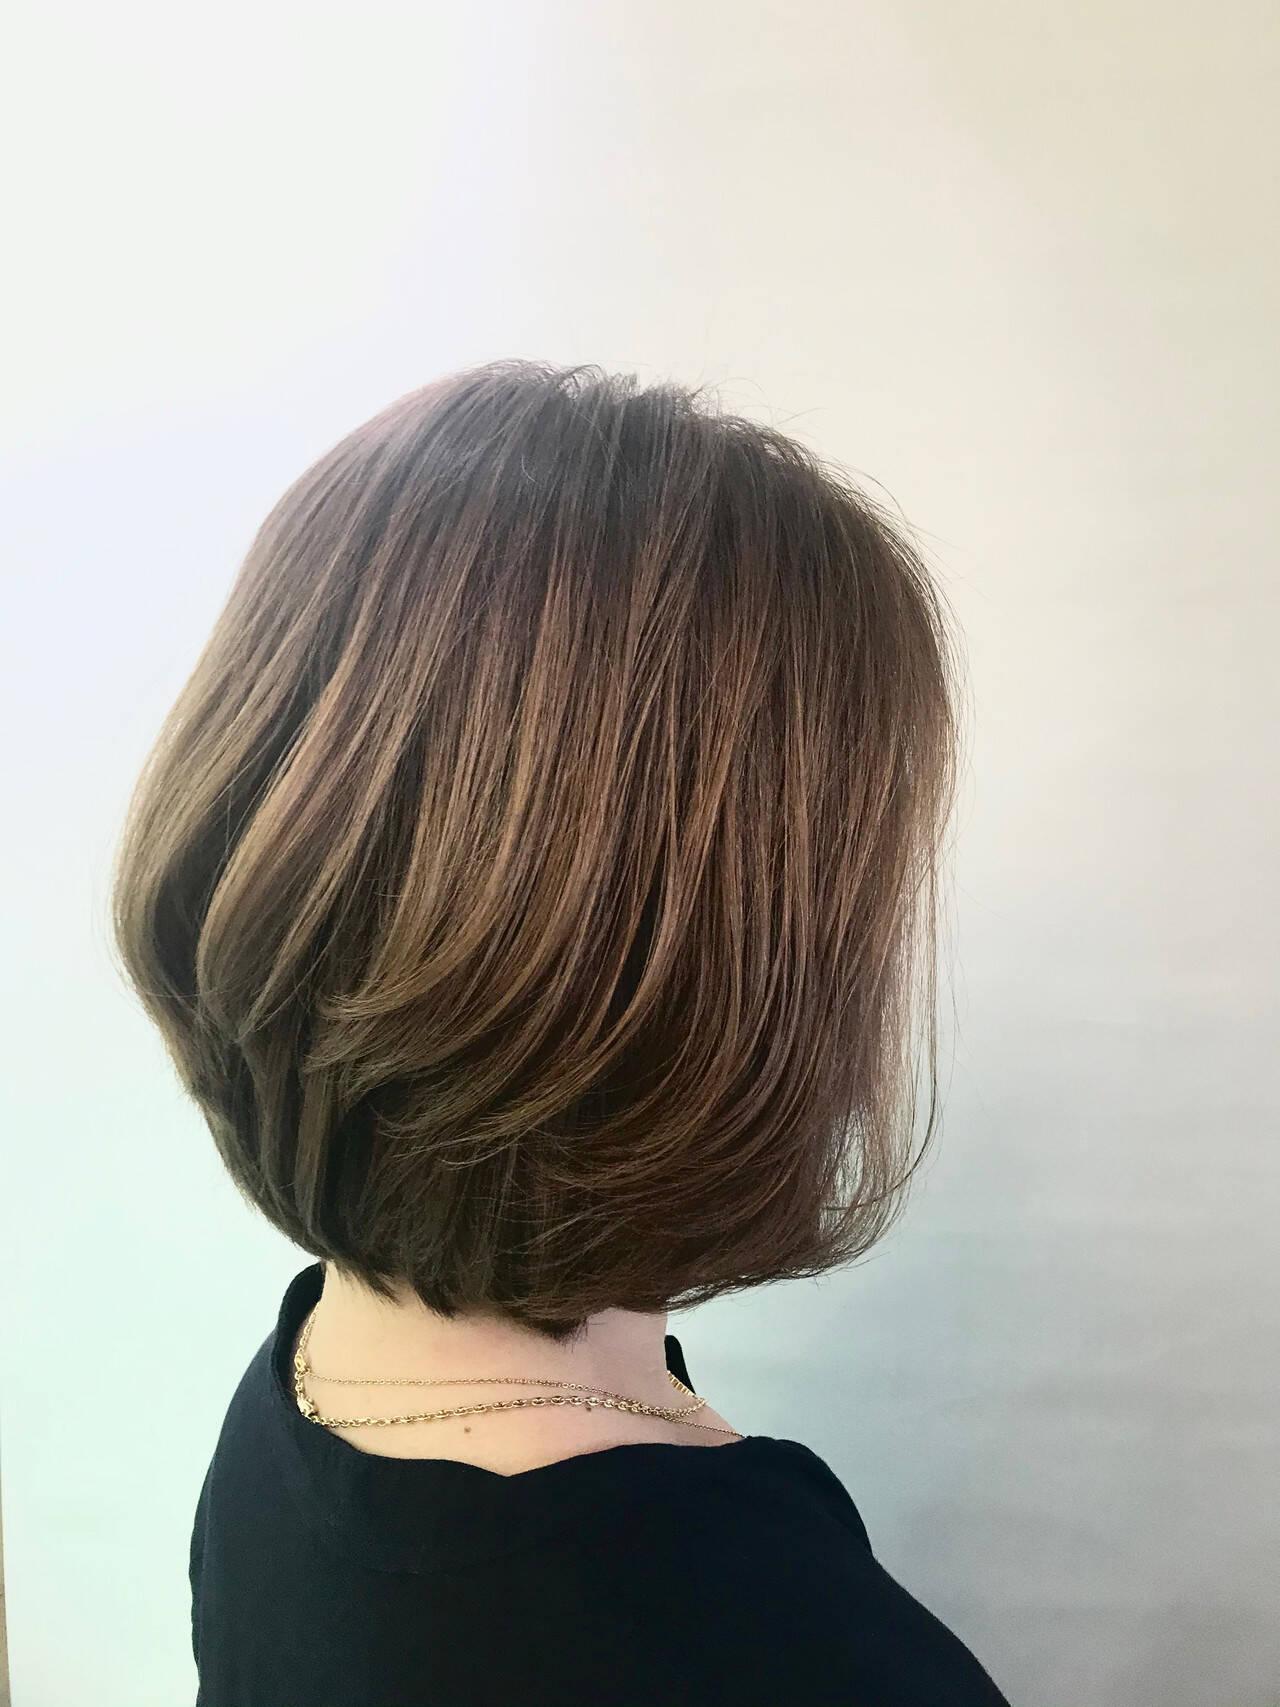 オリーブグレージュ 白髪染め ハイライト ボブヘアスタイルや髪型の写真・画像